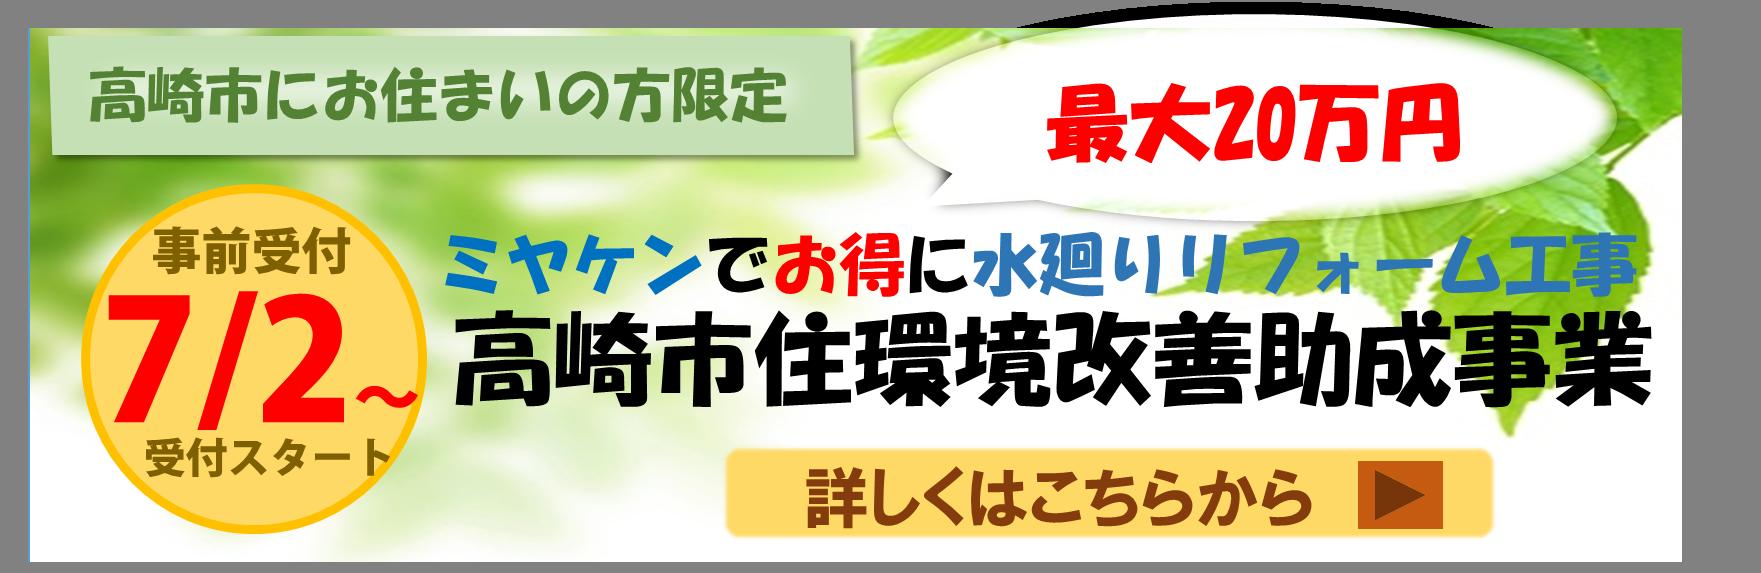 【高崎市民の皆様へ】高崎市住環境改善助成事業、事前受付がもうすぐ始まります☆